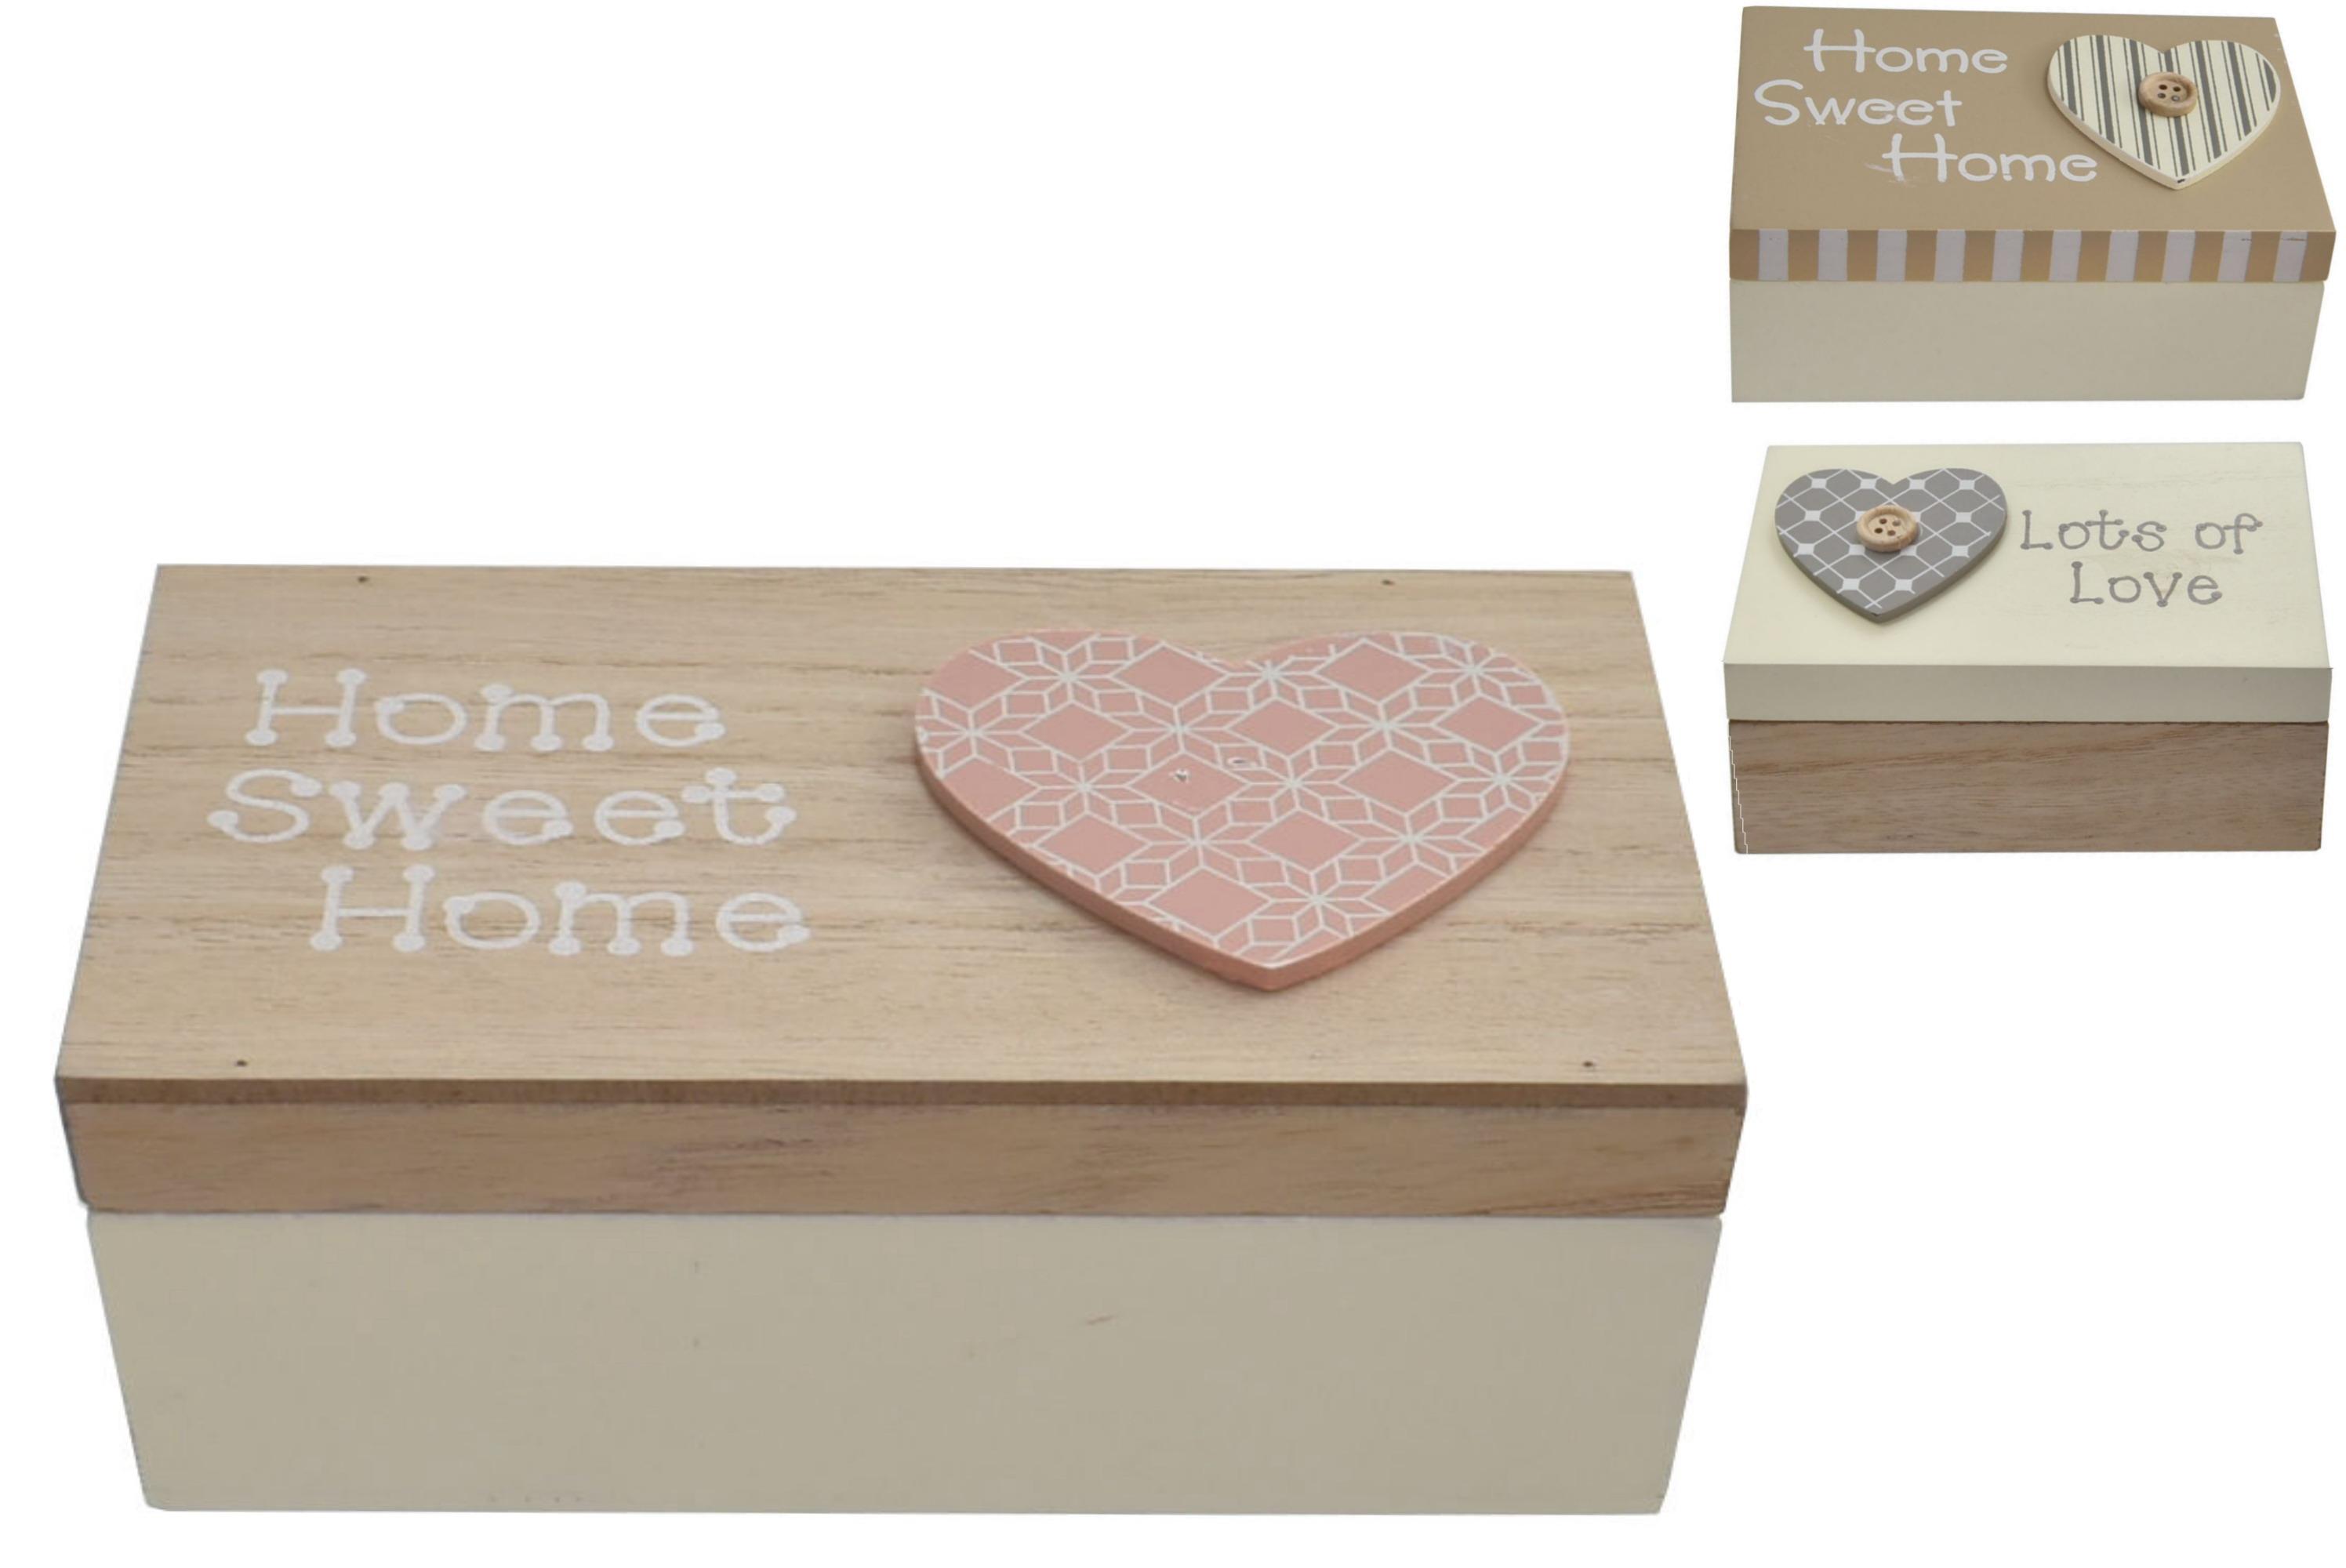 12x6x7.5cm Wooden Storage Box 3 Assorted Designs